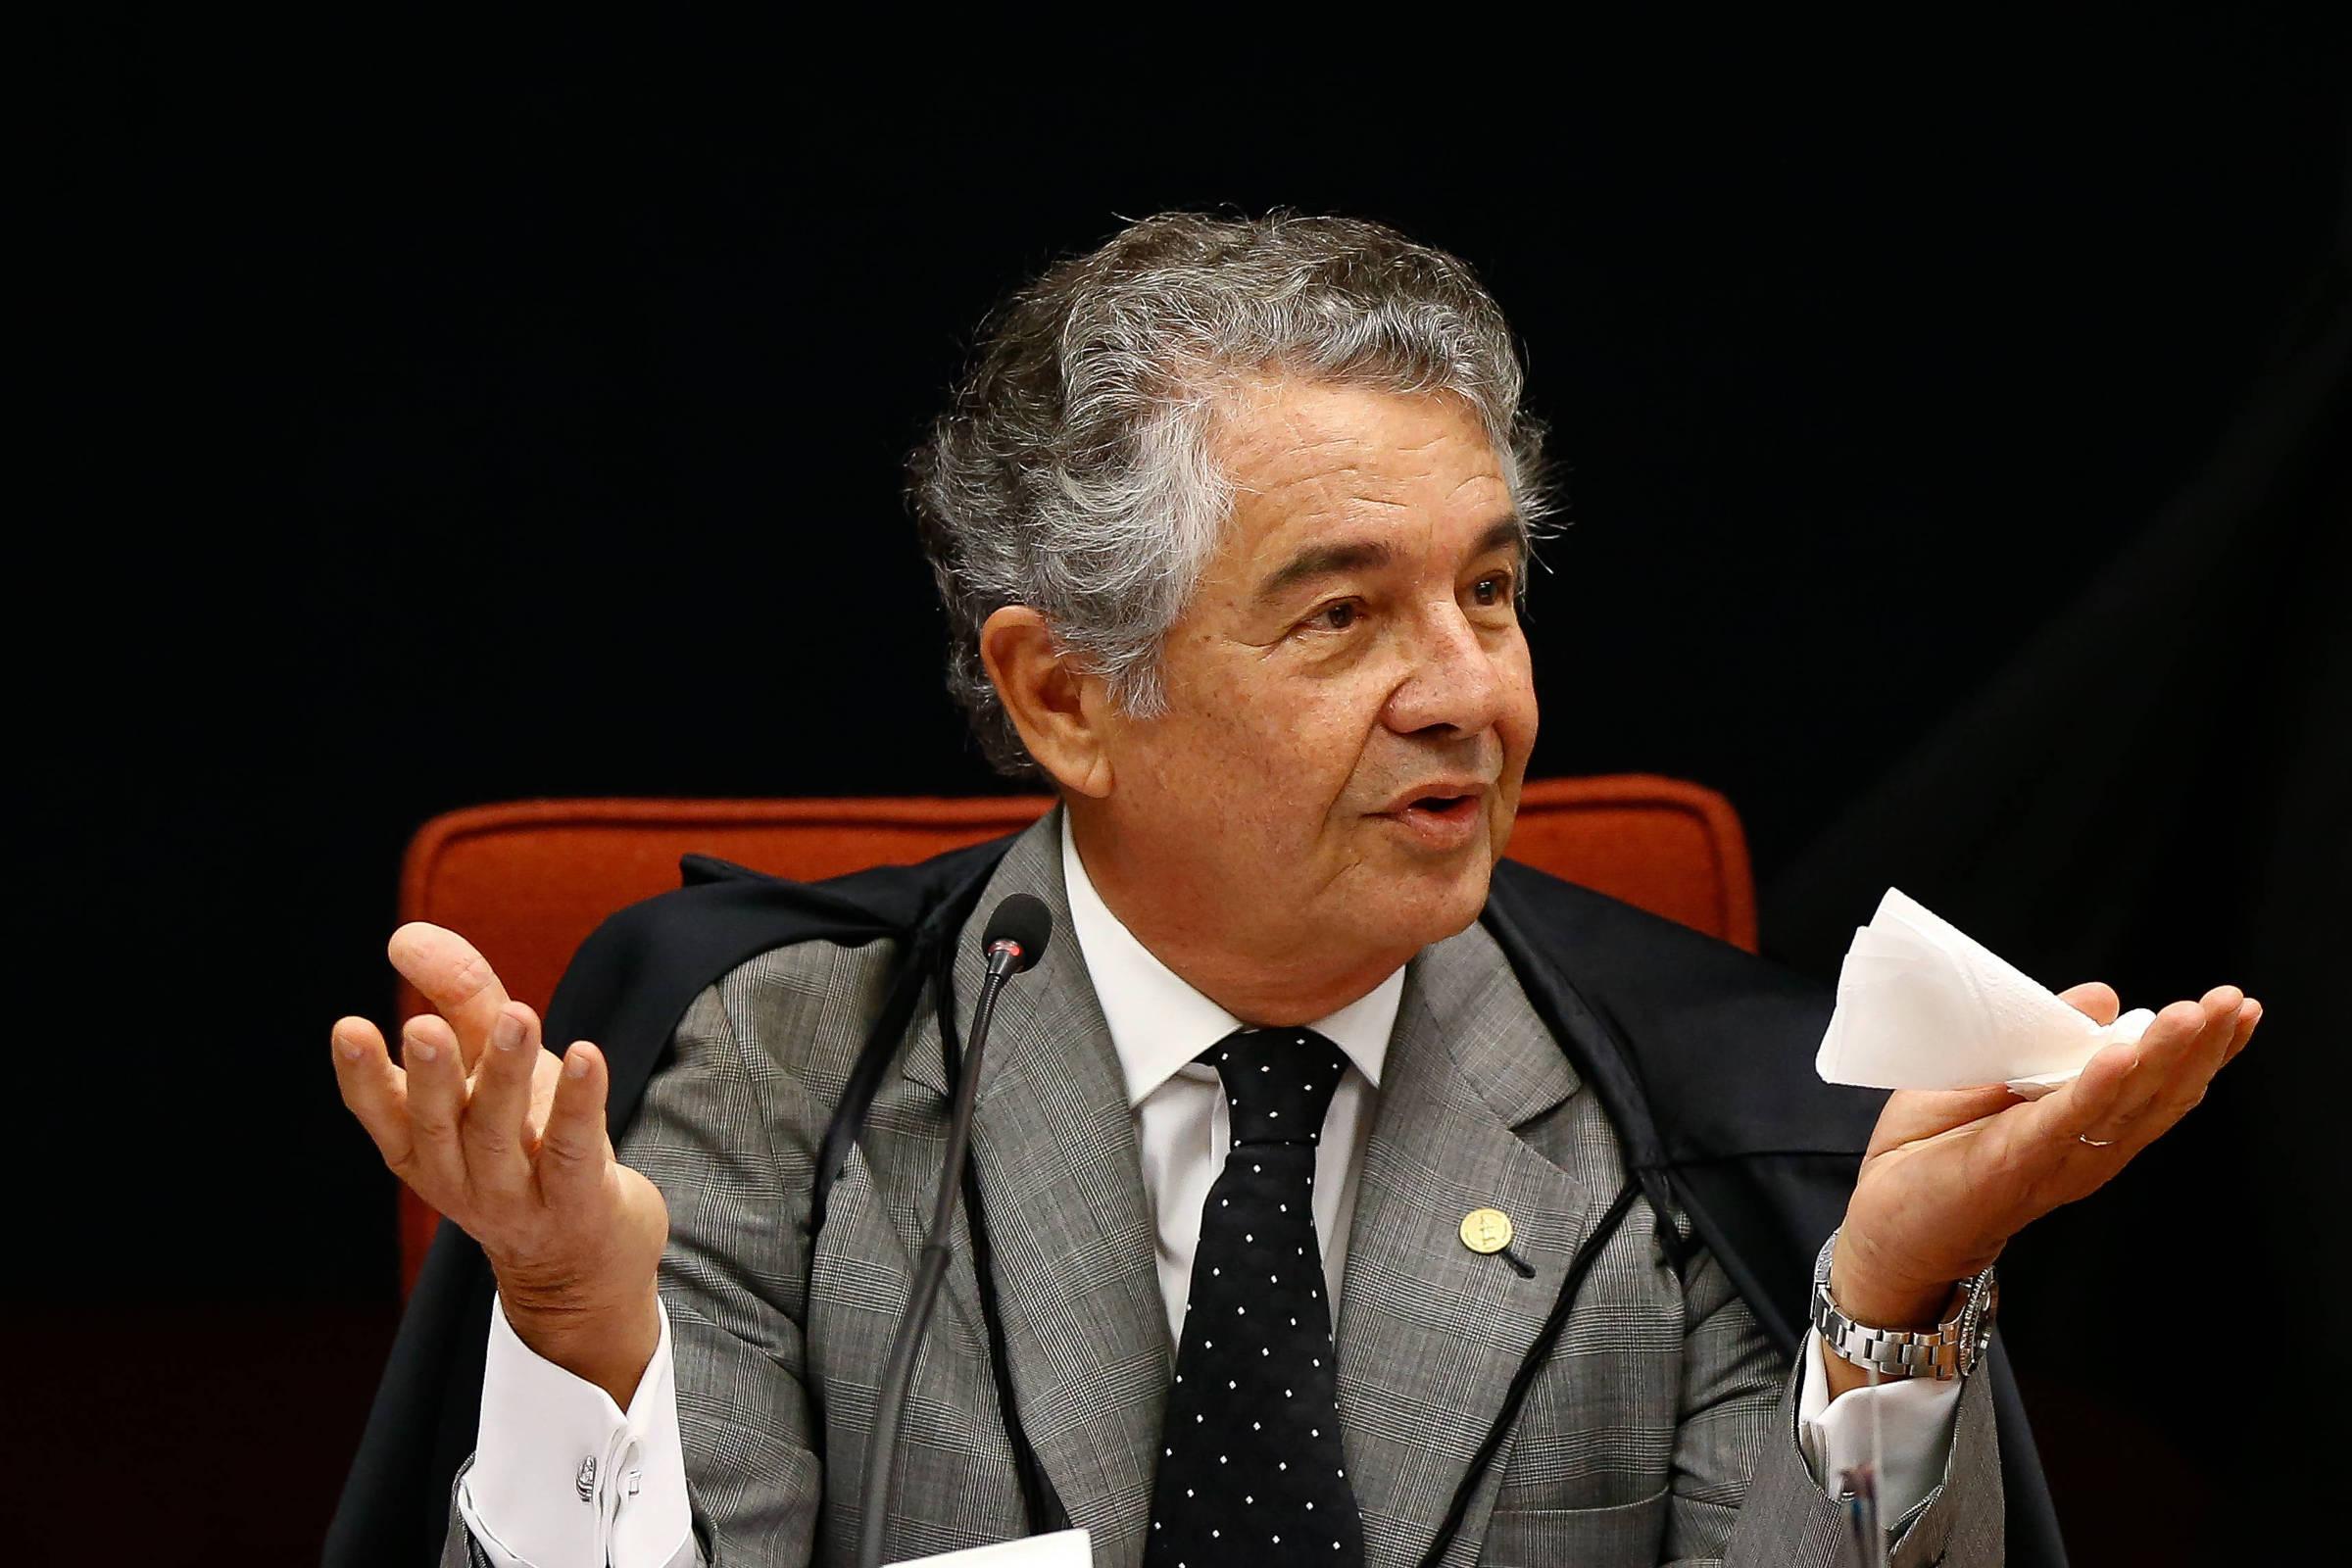 Marco Aurélio nega recurso da Câmara contra a busca no escritório de Paulinho da Força - 29.07.2020. - Poder